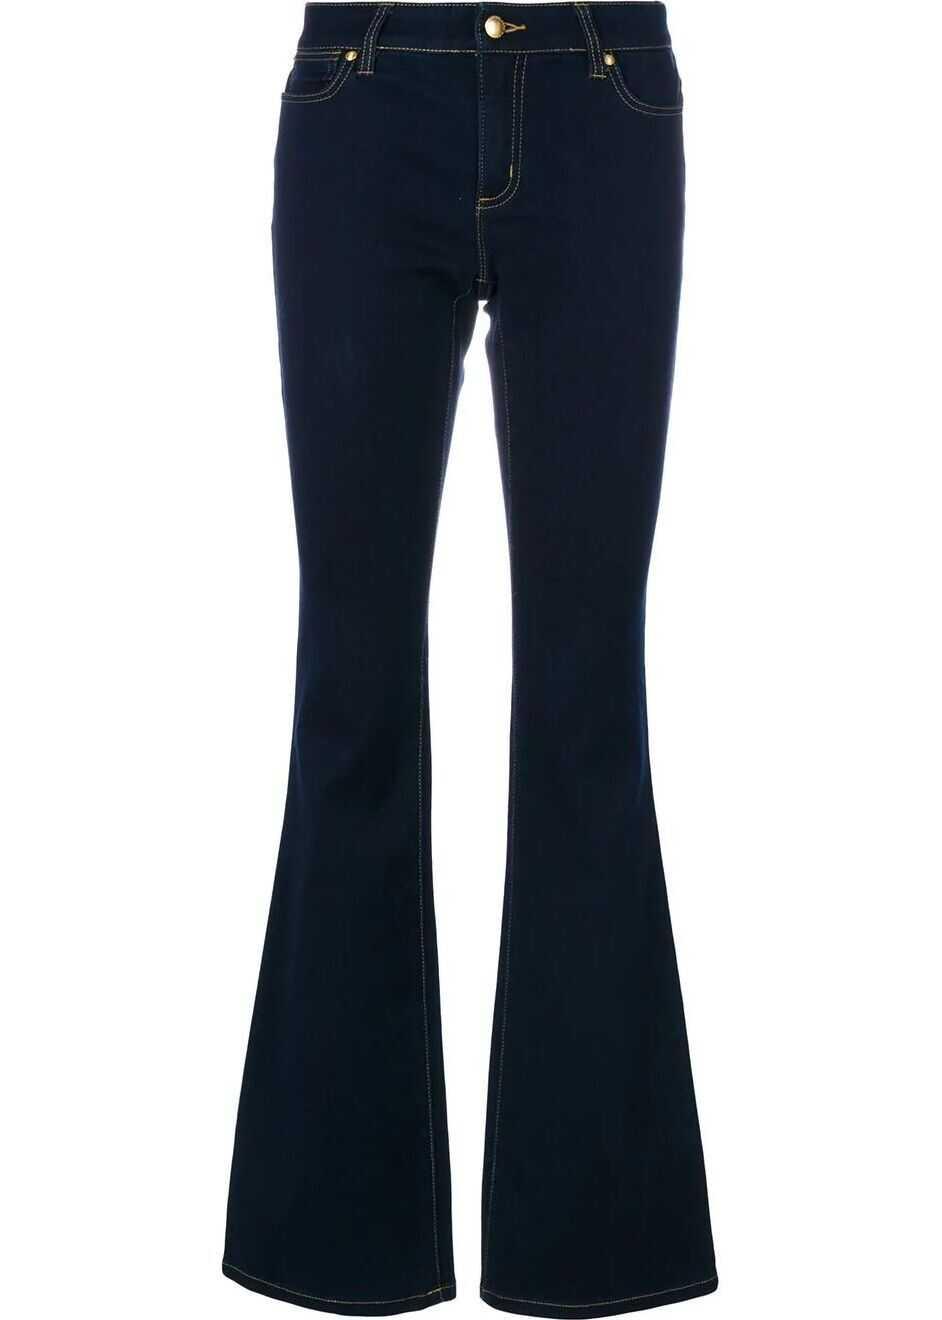 Michael Kors Cotton Jeans BLUE